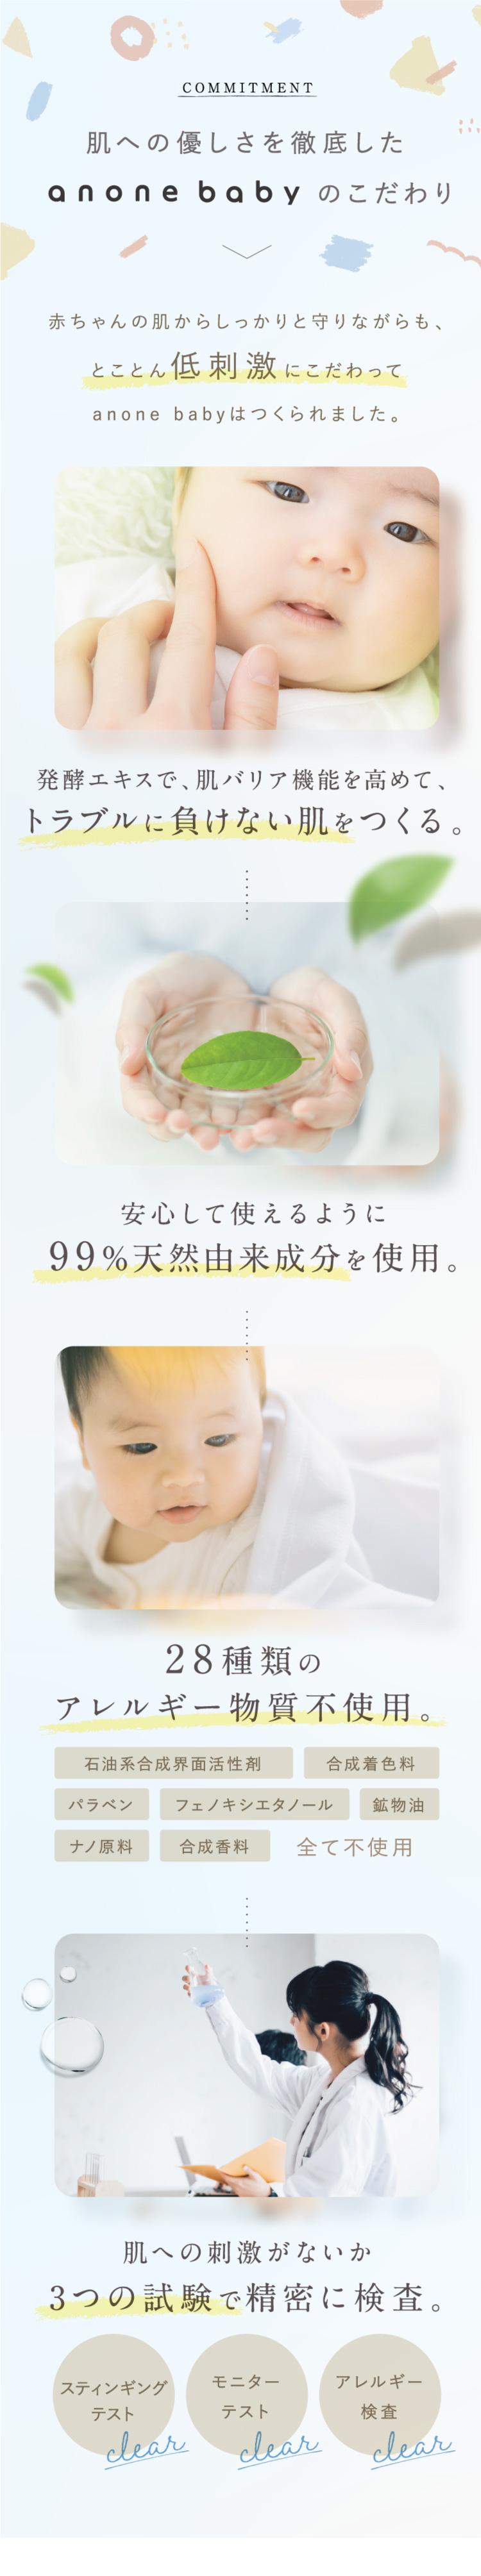 モイストベビーウォッシュ天然由来成分バリア機能保湿自己保湿力新生児ベビー赤ちゃんベビーソープ赤ちゃん用石鹸ベビー石鹸ベビー用石鹸子供用石鹸子ども用石鹸赤ちゃん石鹸